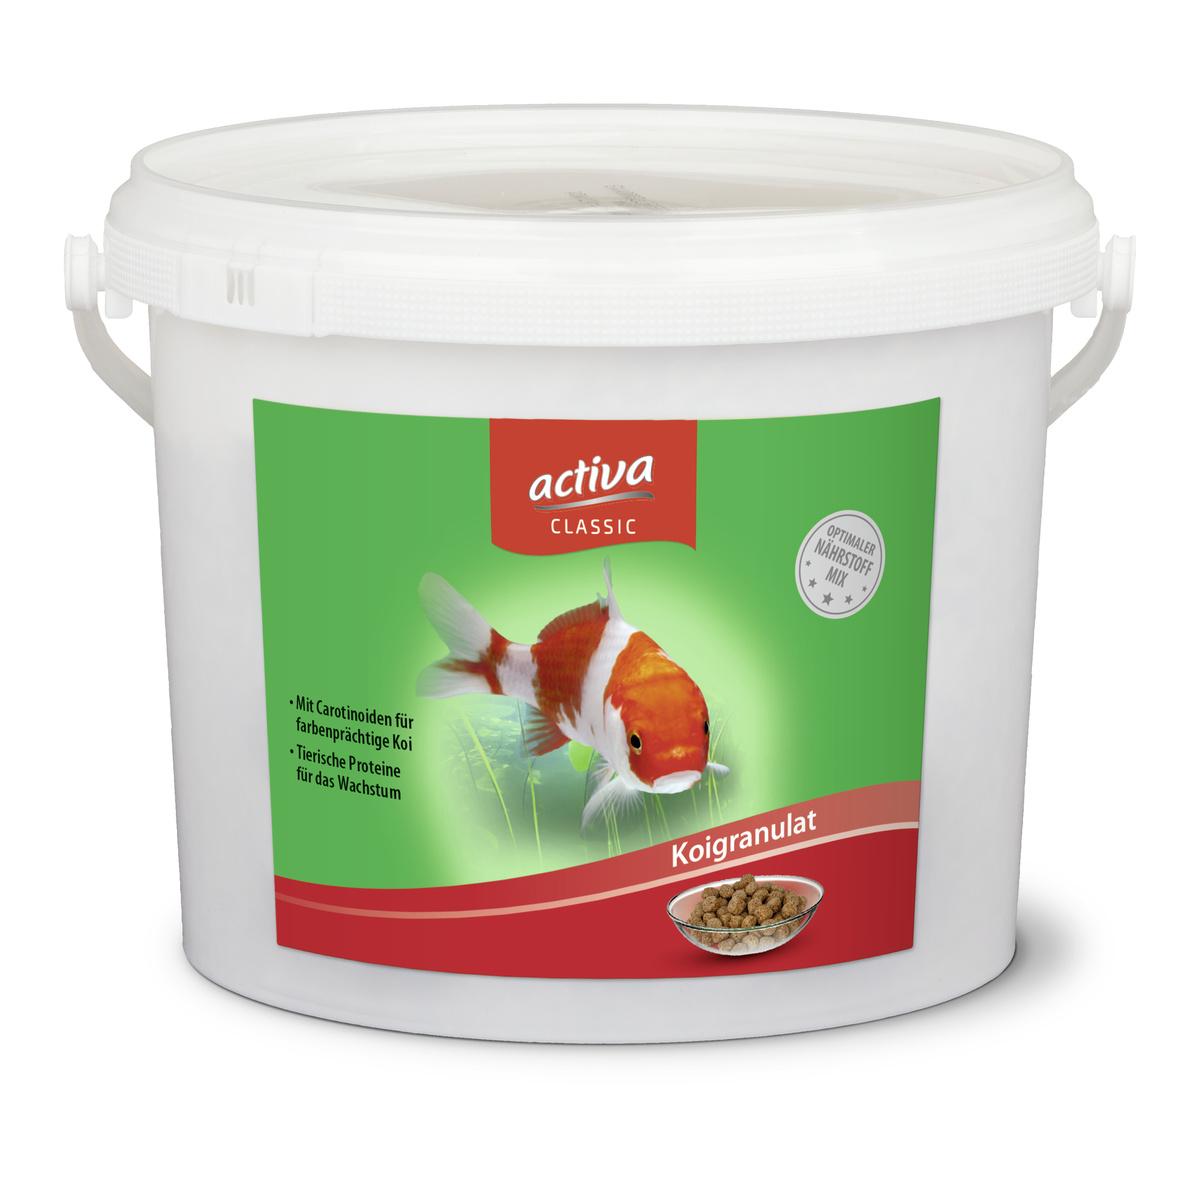 activa CLASSIC Koigranulat Hauptfutter für Zierfische im Gartenteich